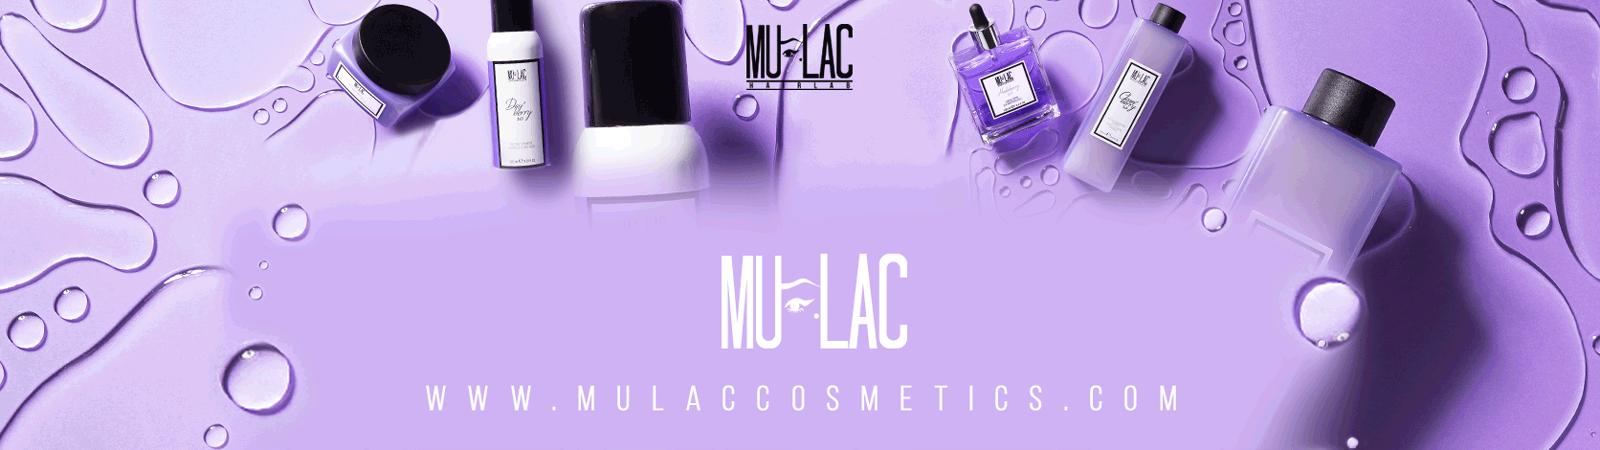 mulac skin